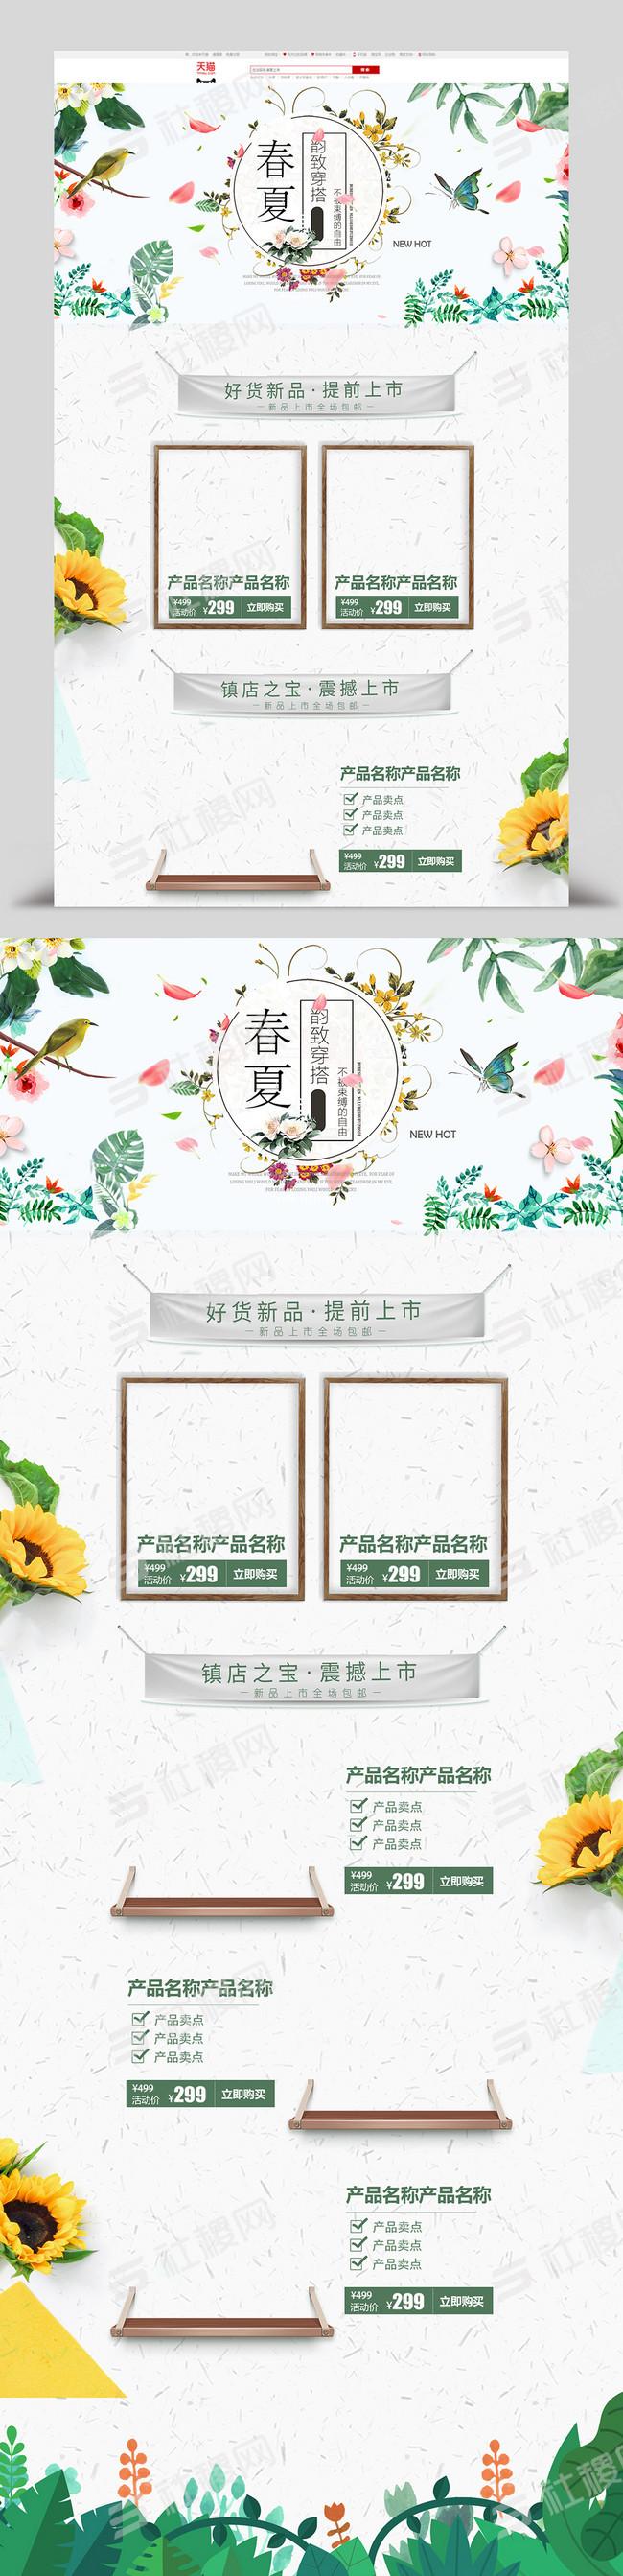 春季上新淘宝首页模板淘宝素材社稷网.jpg